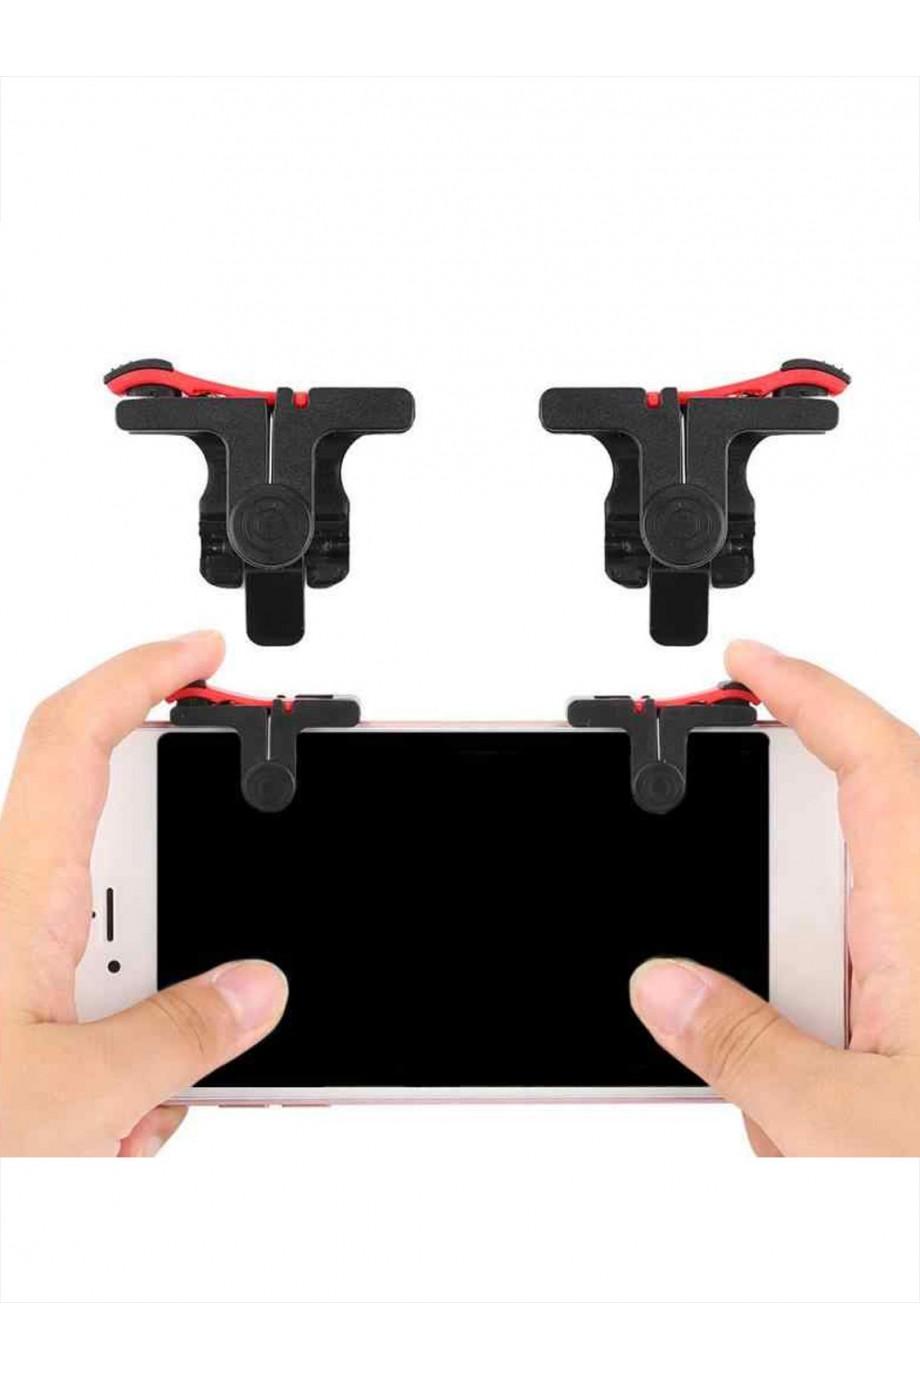 Триггеры для игр на смартфоне, TR001, 2 шт